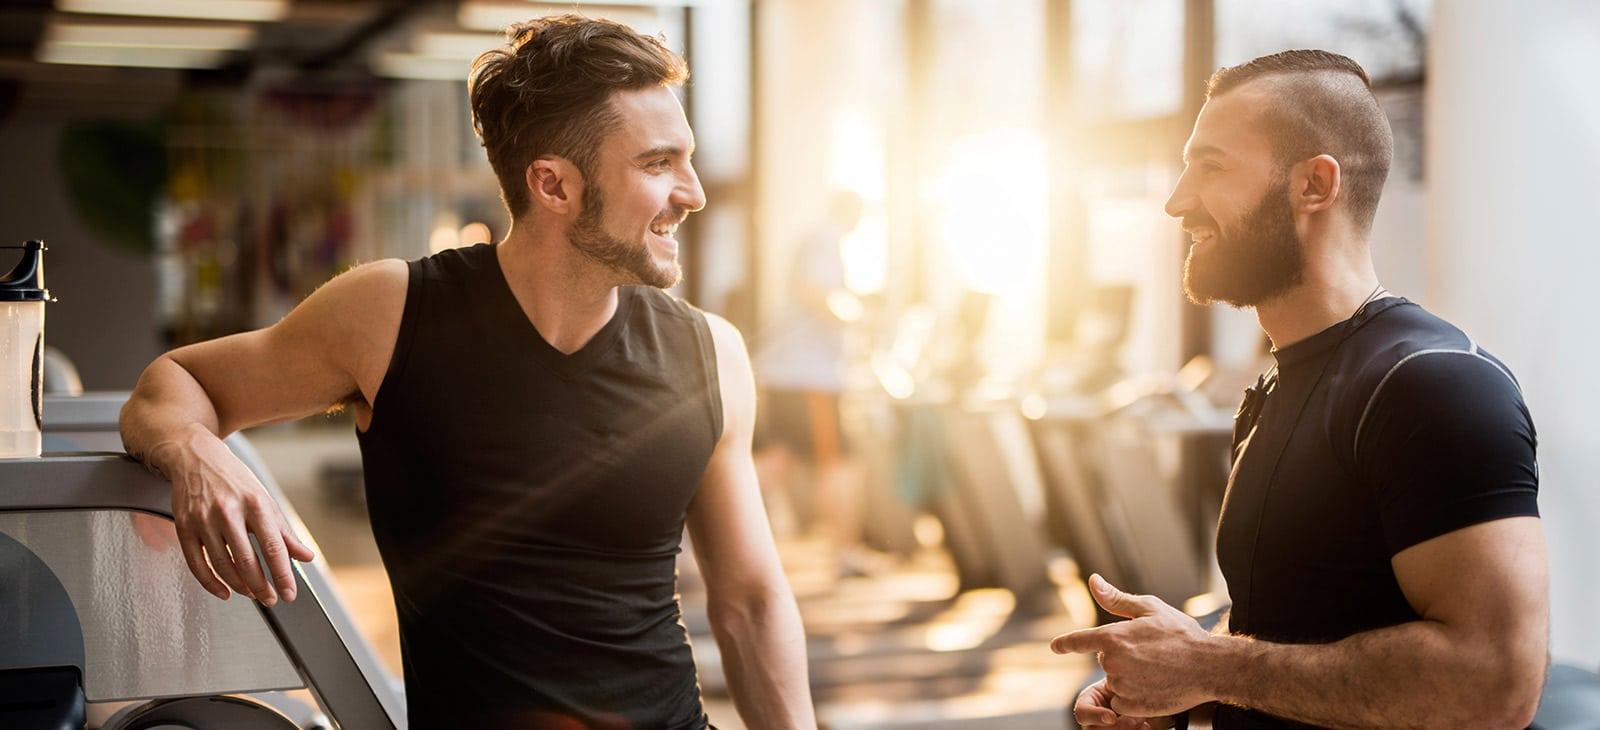 Freunde unterhalten sich im Fitnessstudio